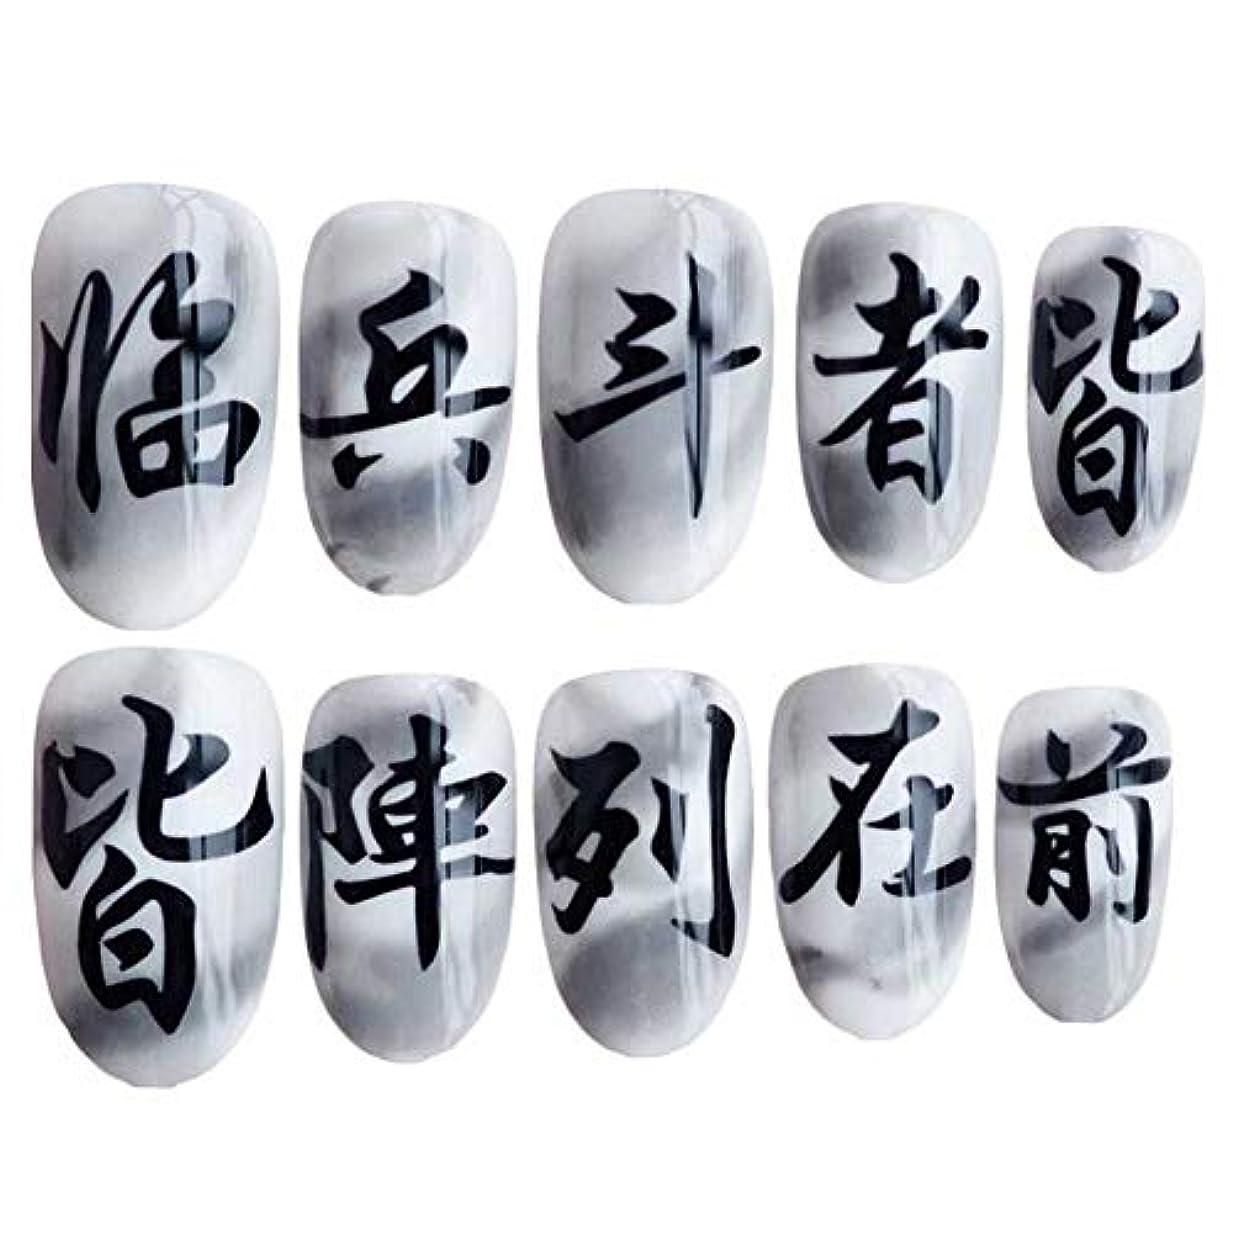 中国語文字灰色/白い偽爪爪人工爪装飾爪のヒント